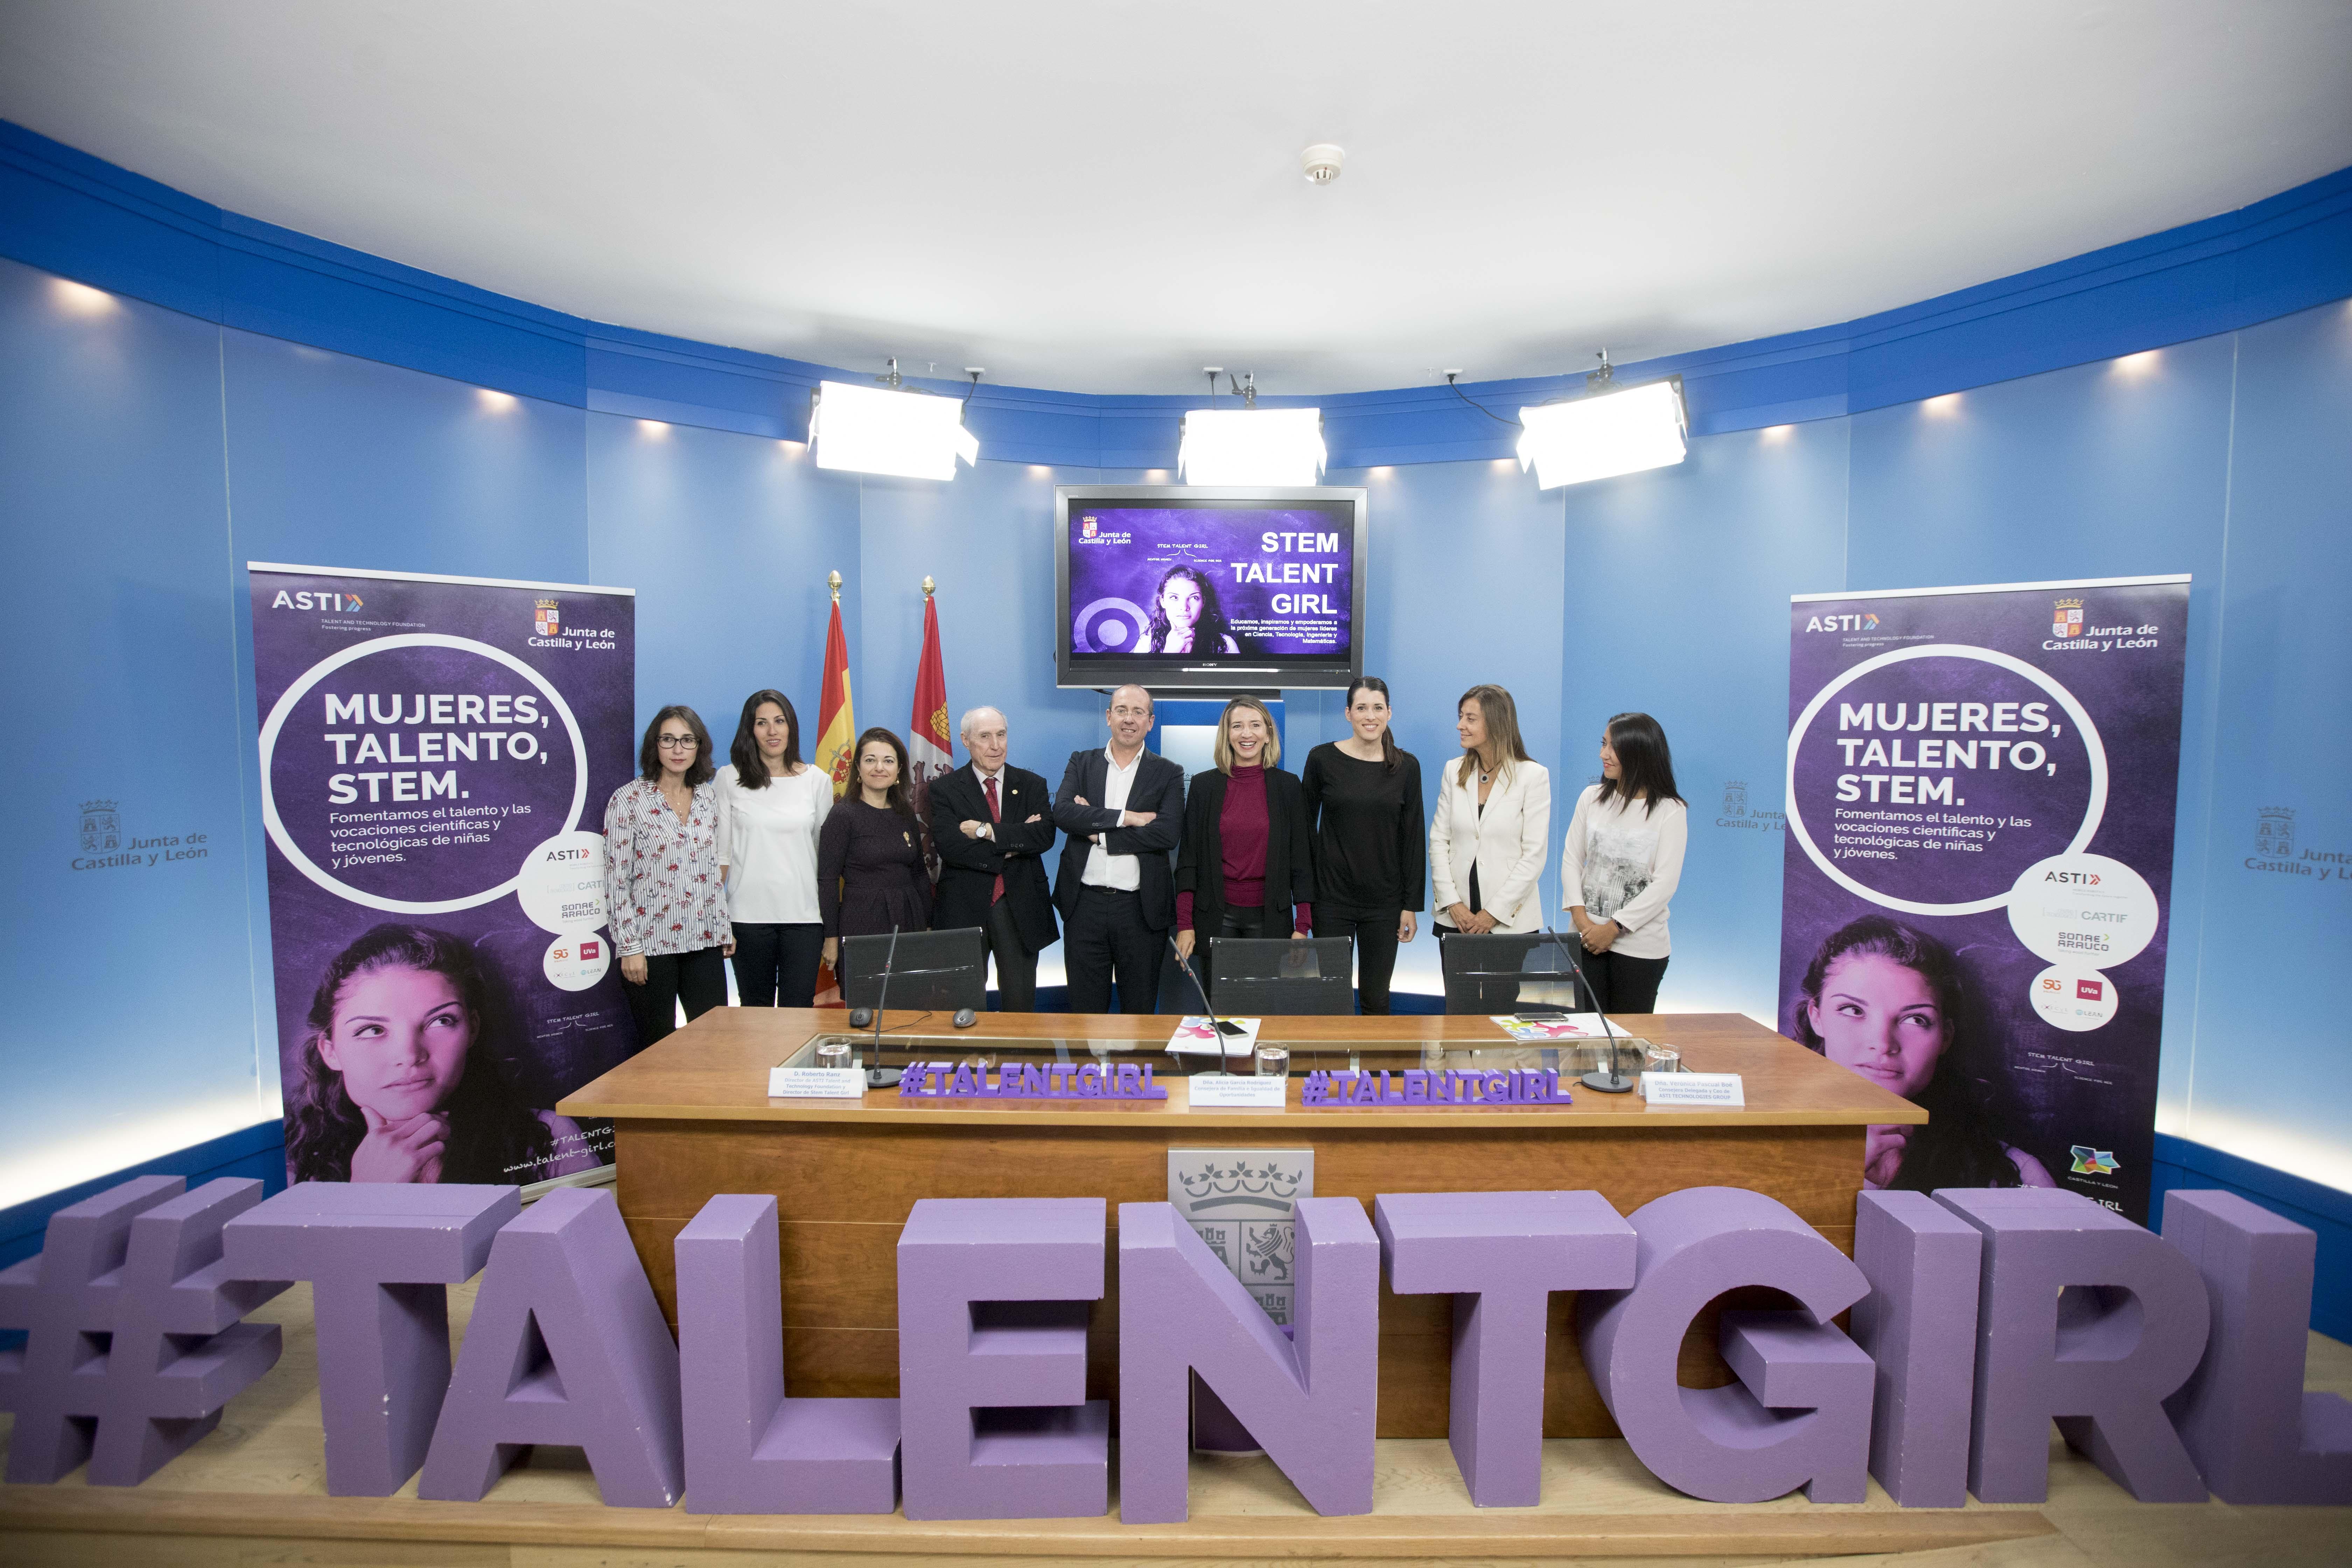 La Junta y la Fundación ASTI impulsan el proyecto 'Stem Talent Girl' para el fomento entre las alumnas del talento y las vocaciones en las carreras de ciencias y tecnologías